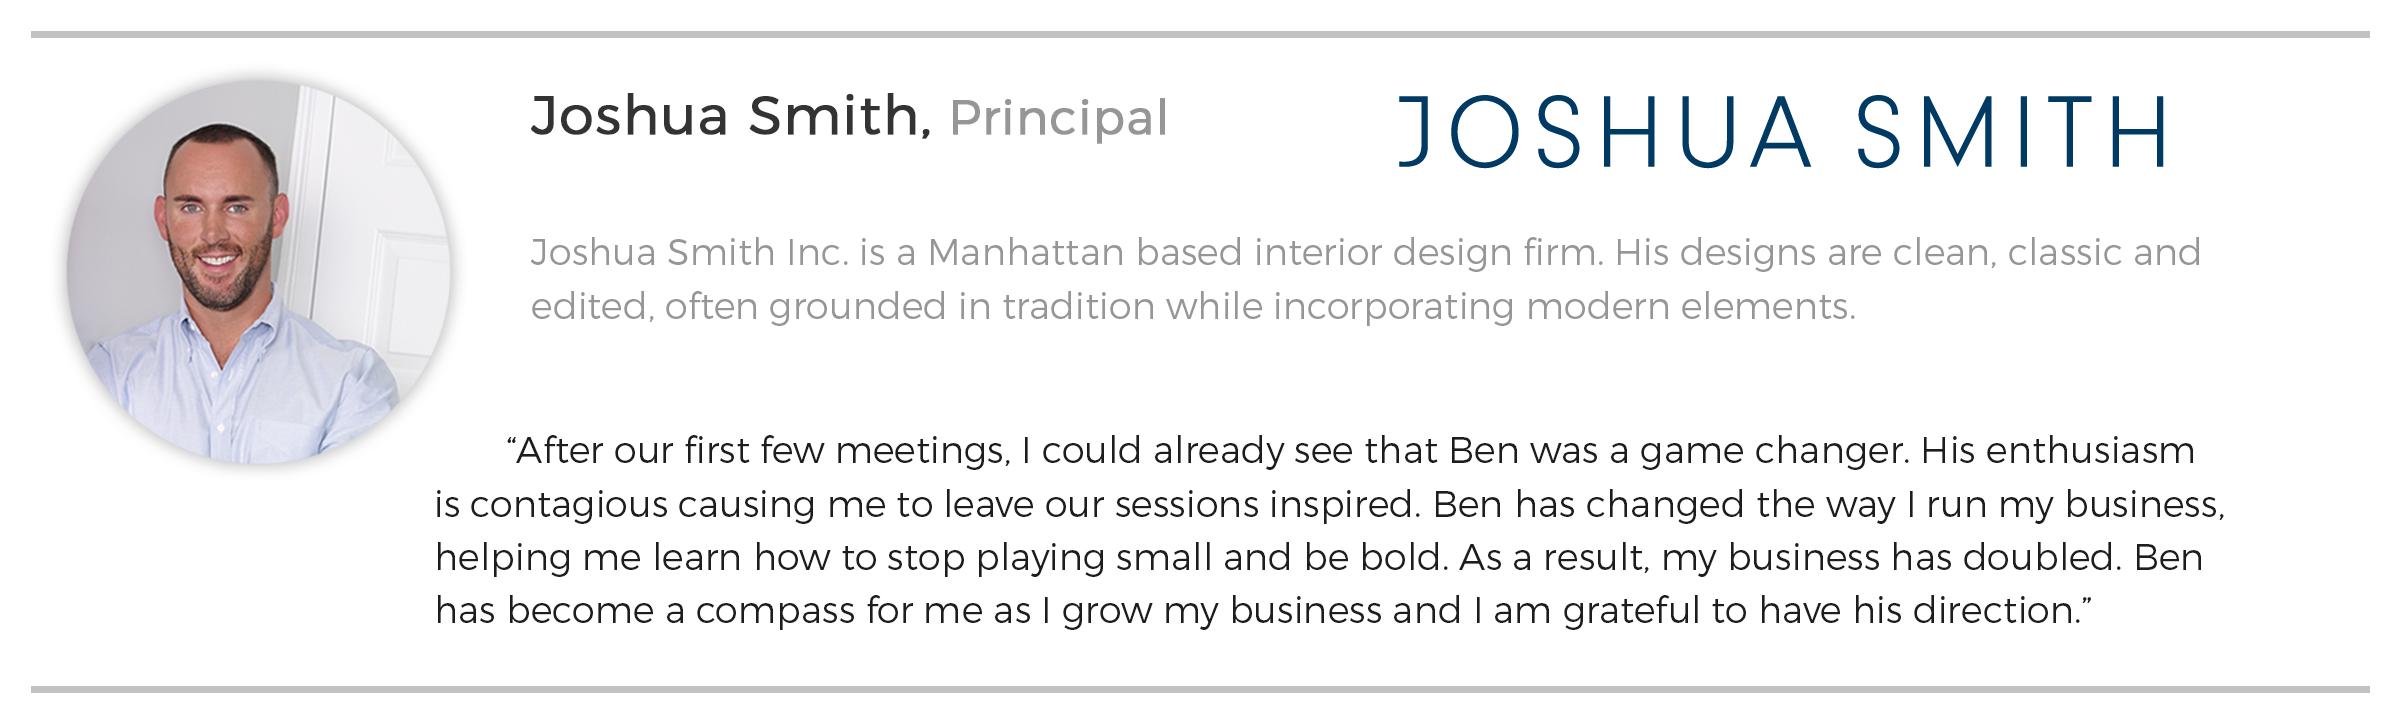 Joshua_Smith_Testimonial.png